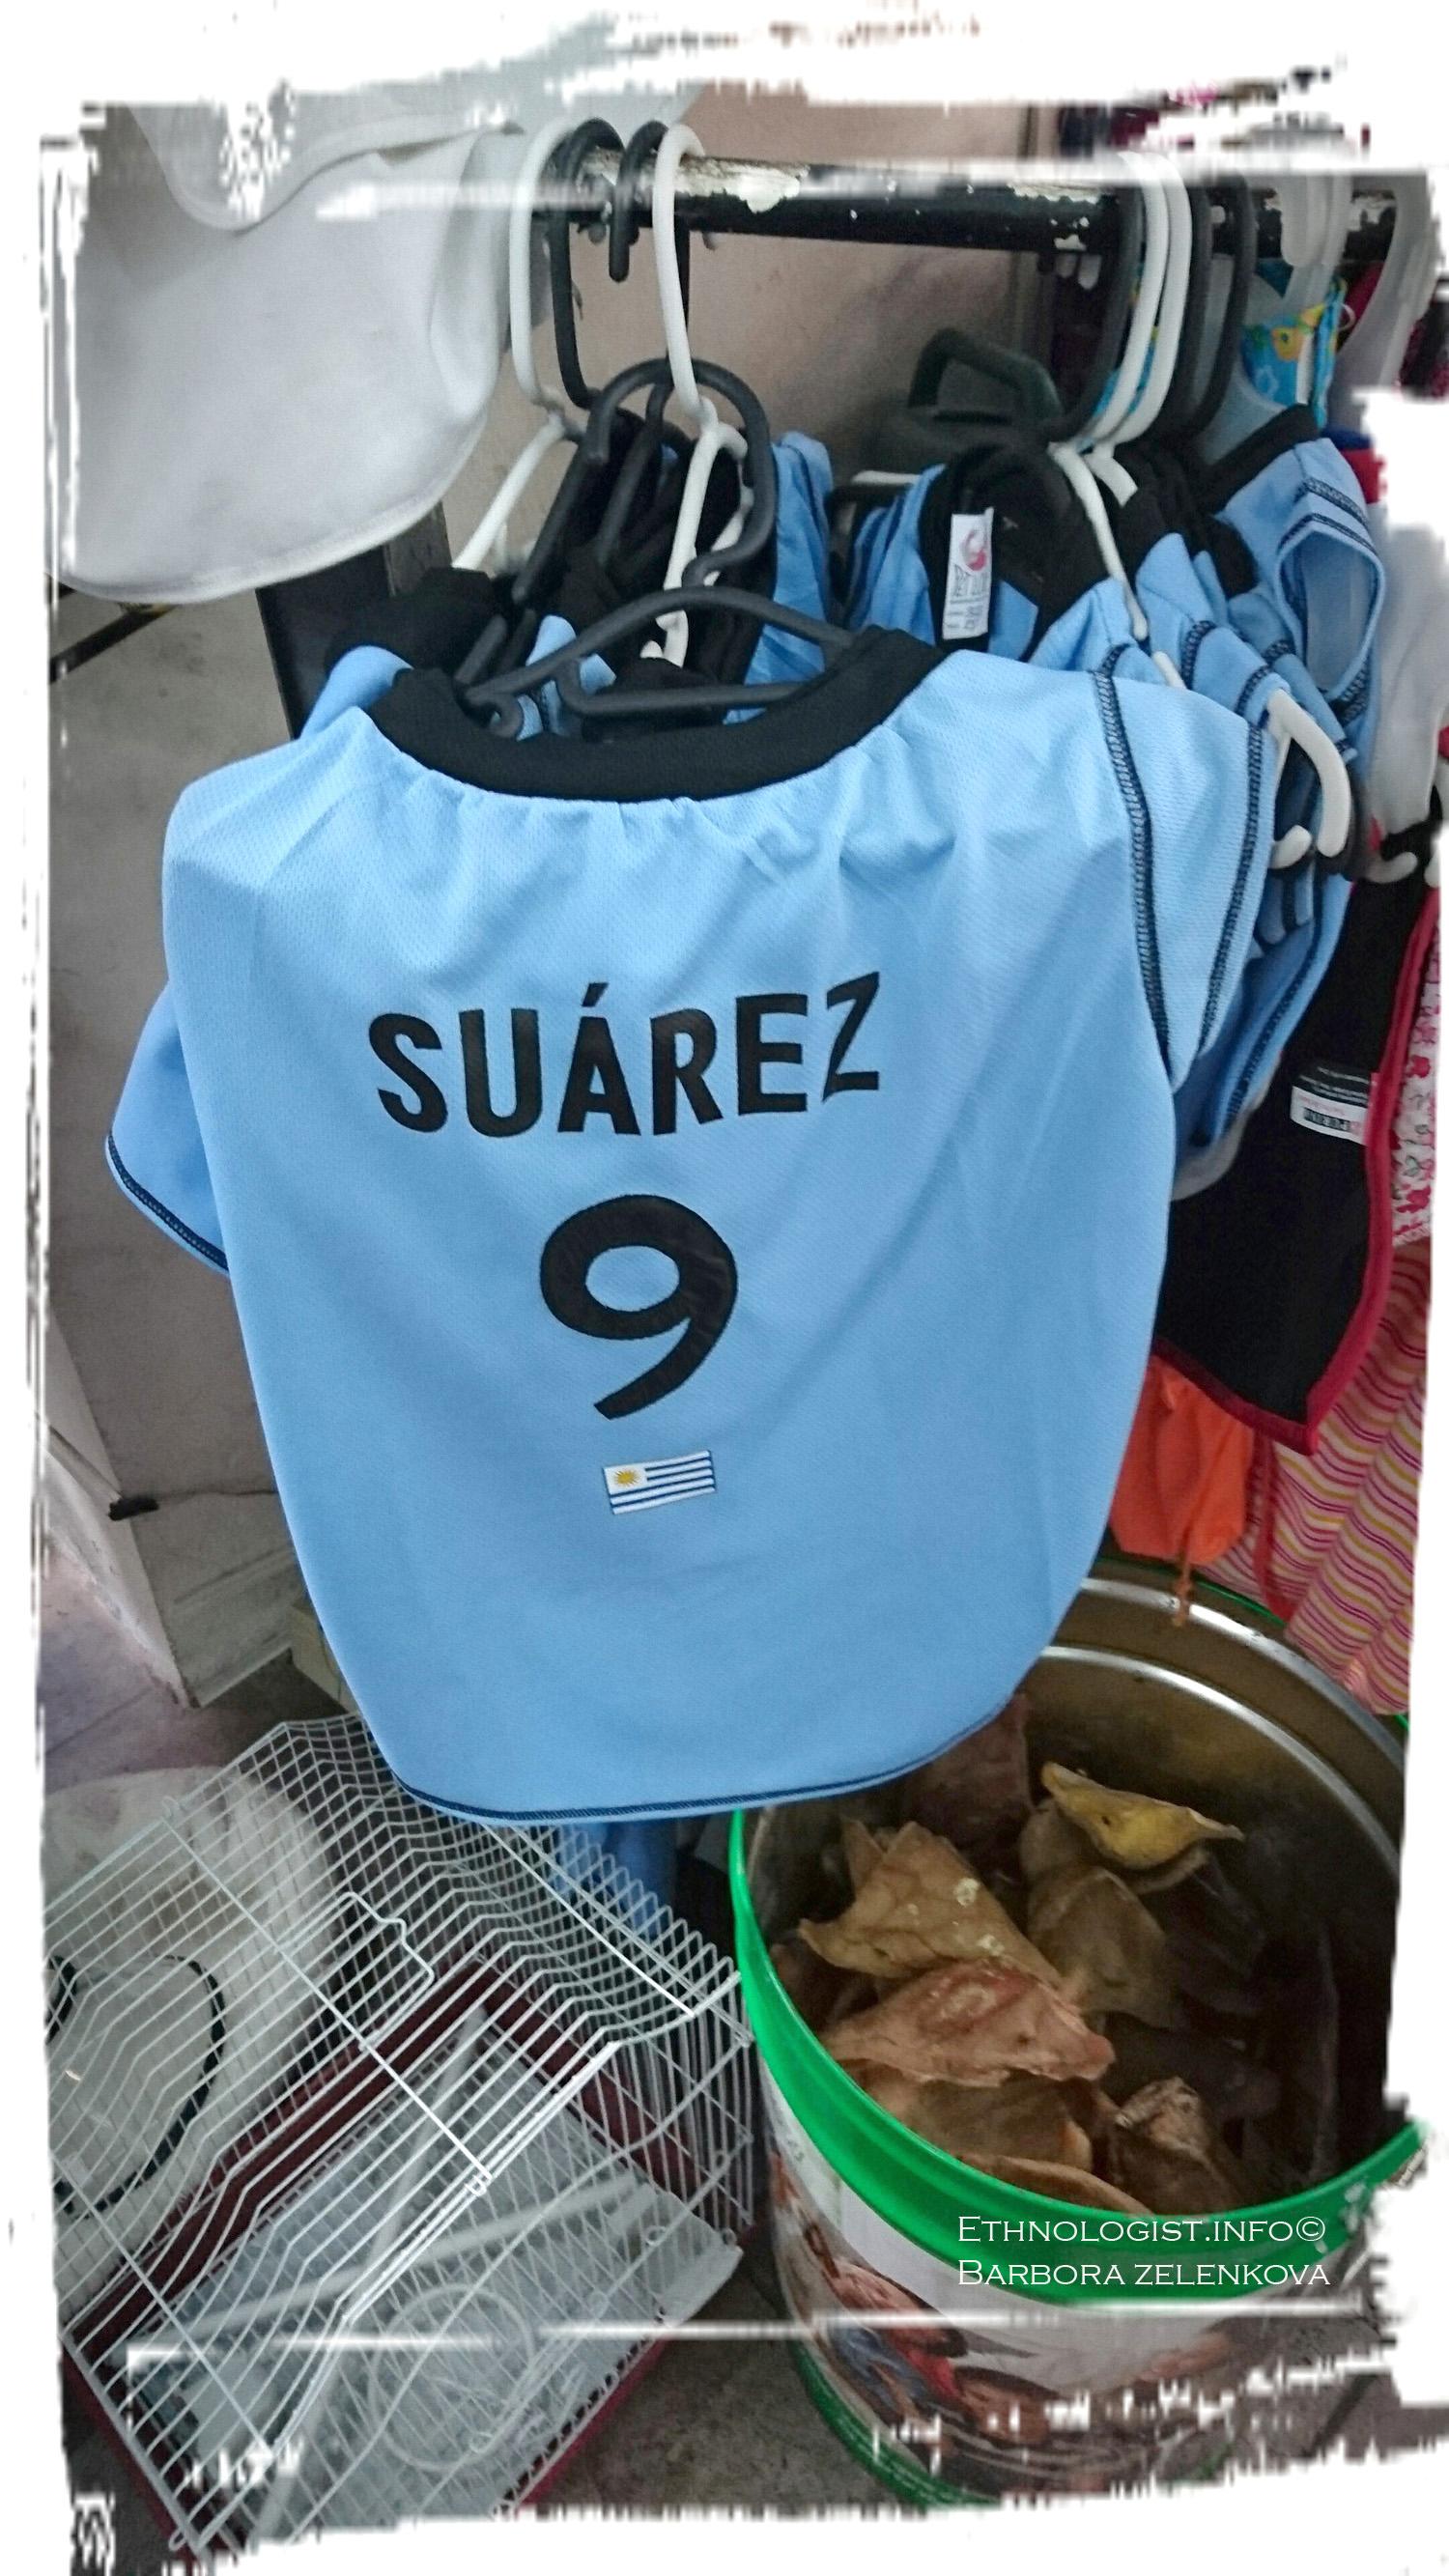 Fotbalový psí dres se jménem Suáreze. Foto: Barbora Zelenková, Montevideo, 2016.